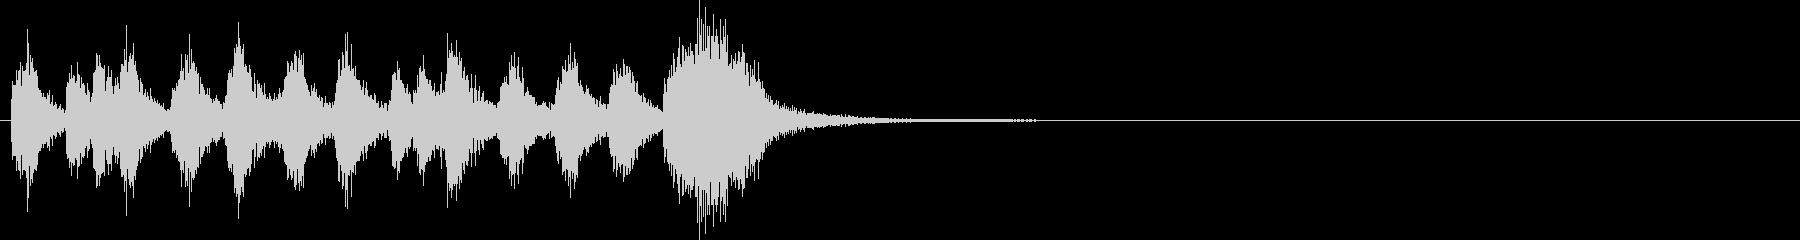 ファンファーレ~ビゼーのカルメン風の未再生の波形